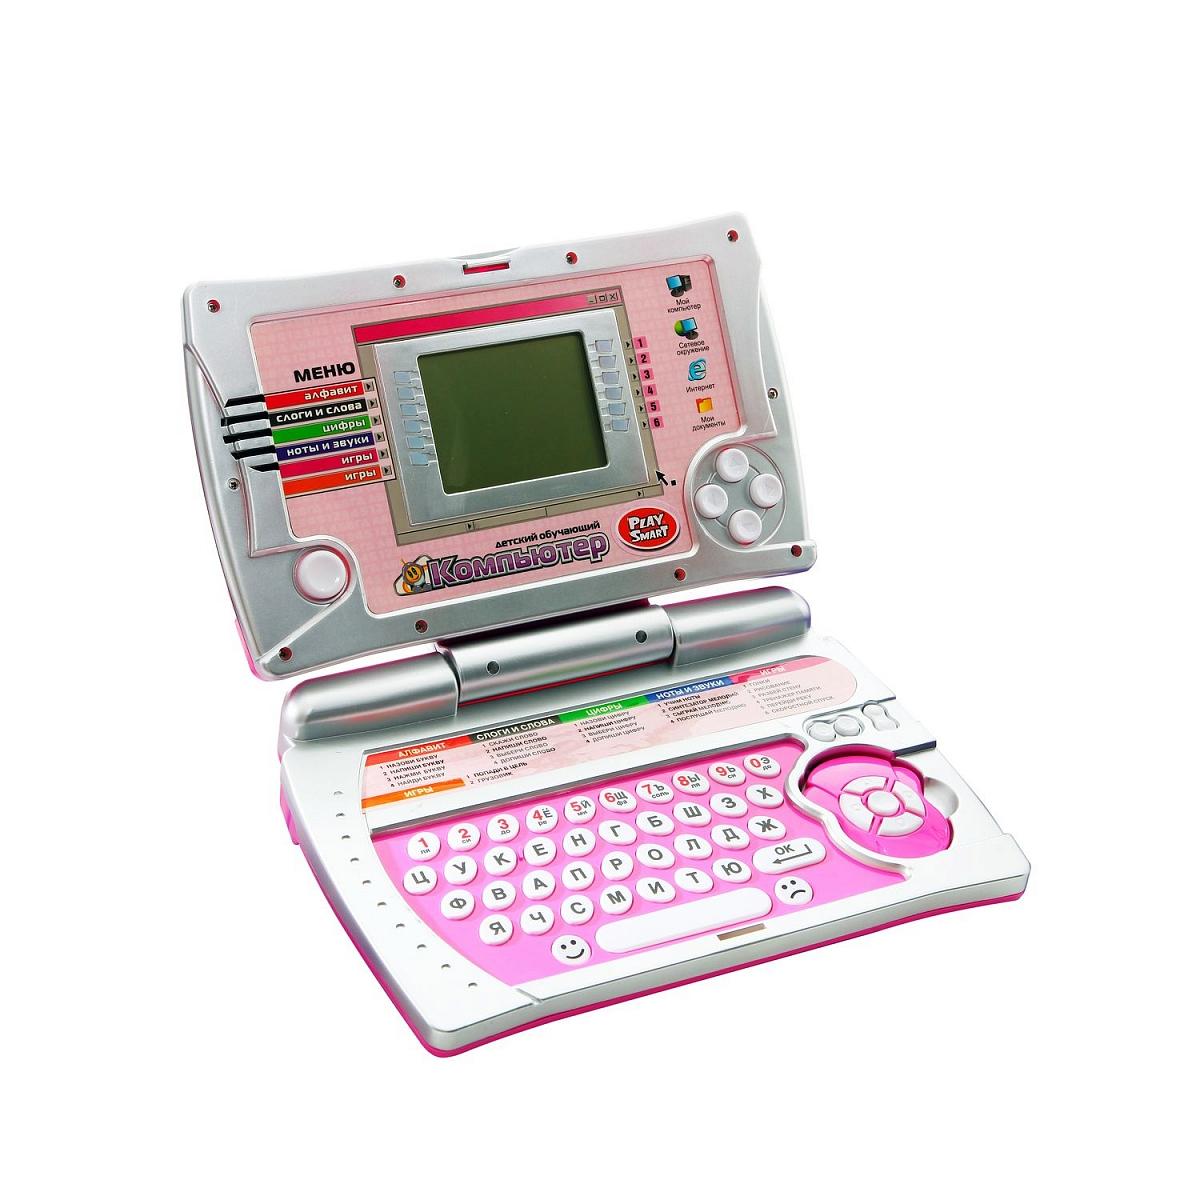 картинка игрушечного компьютера искать